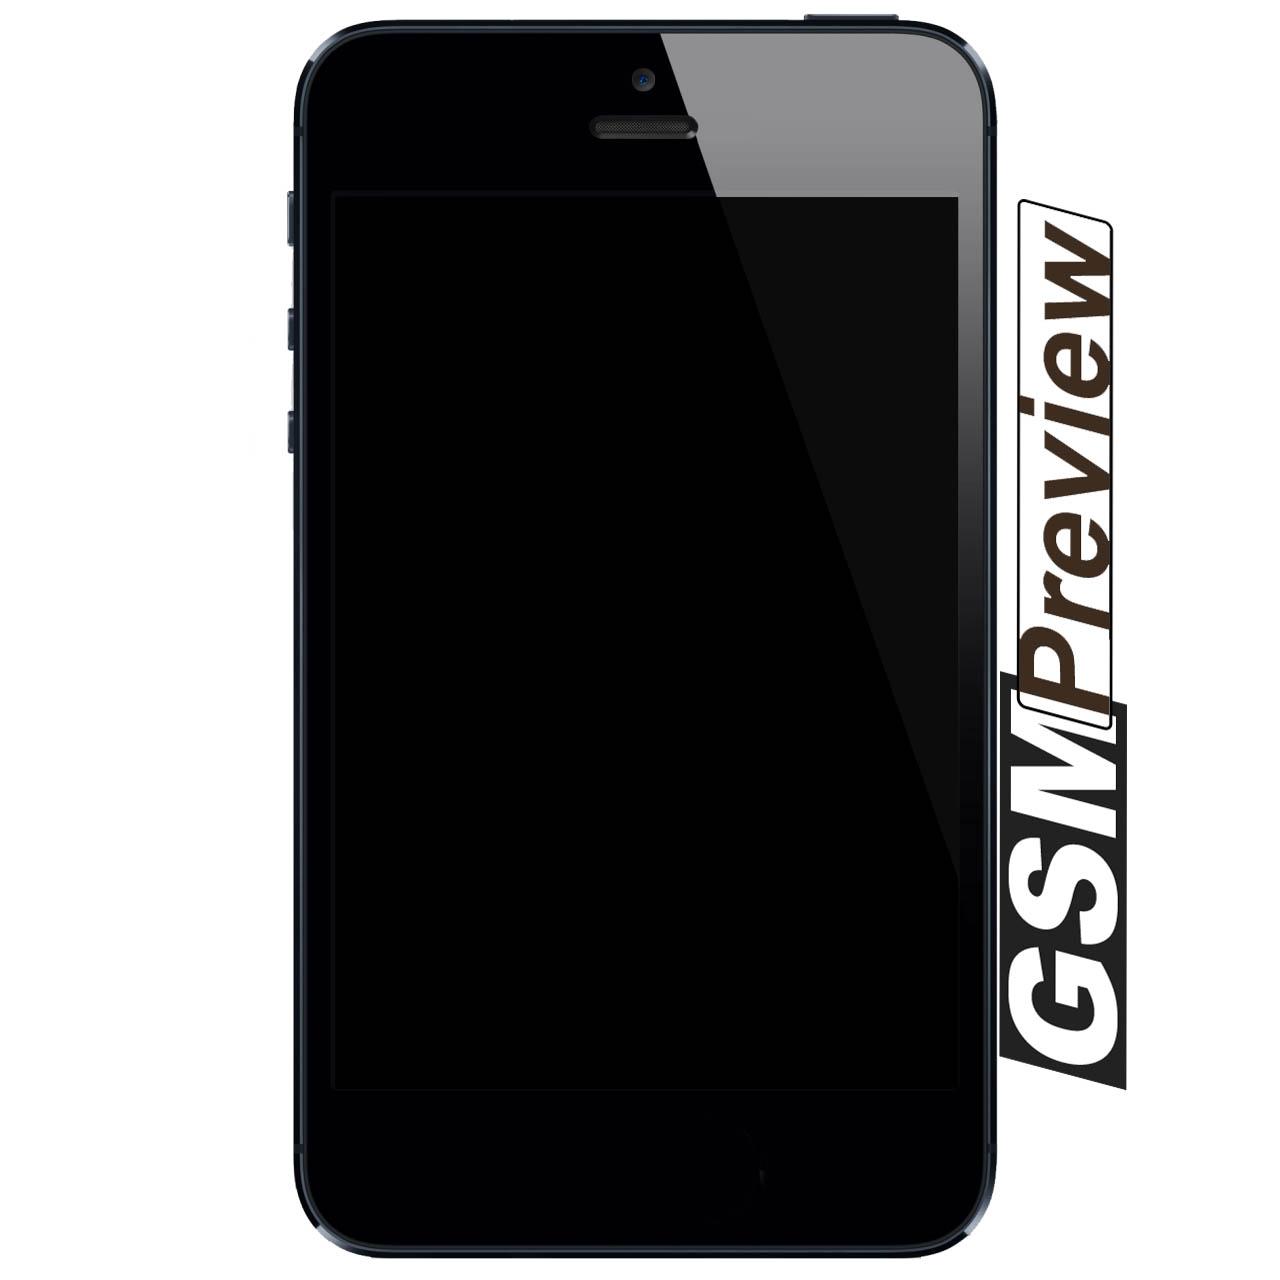 Слух: iPhone 6 ще е на пазара през 2014 година?